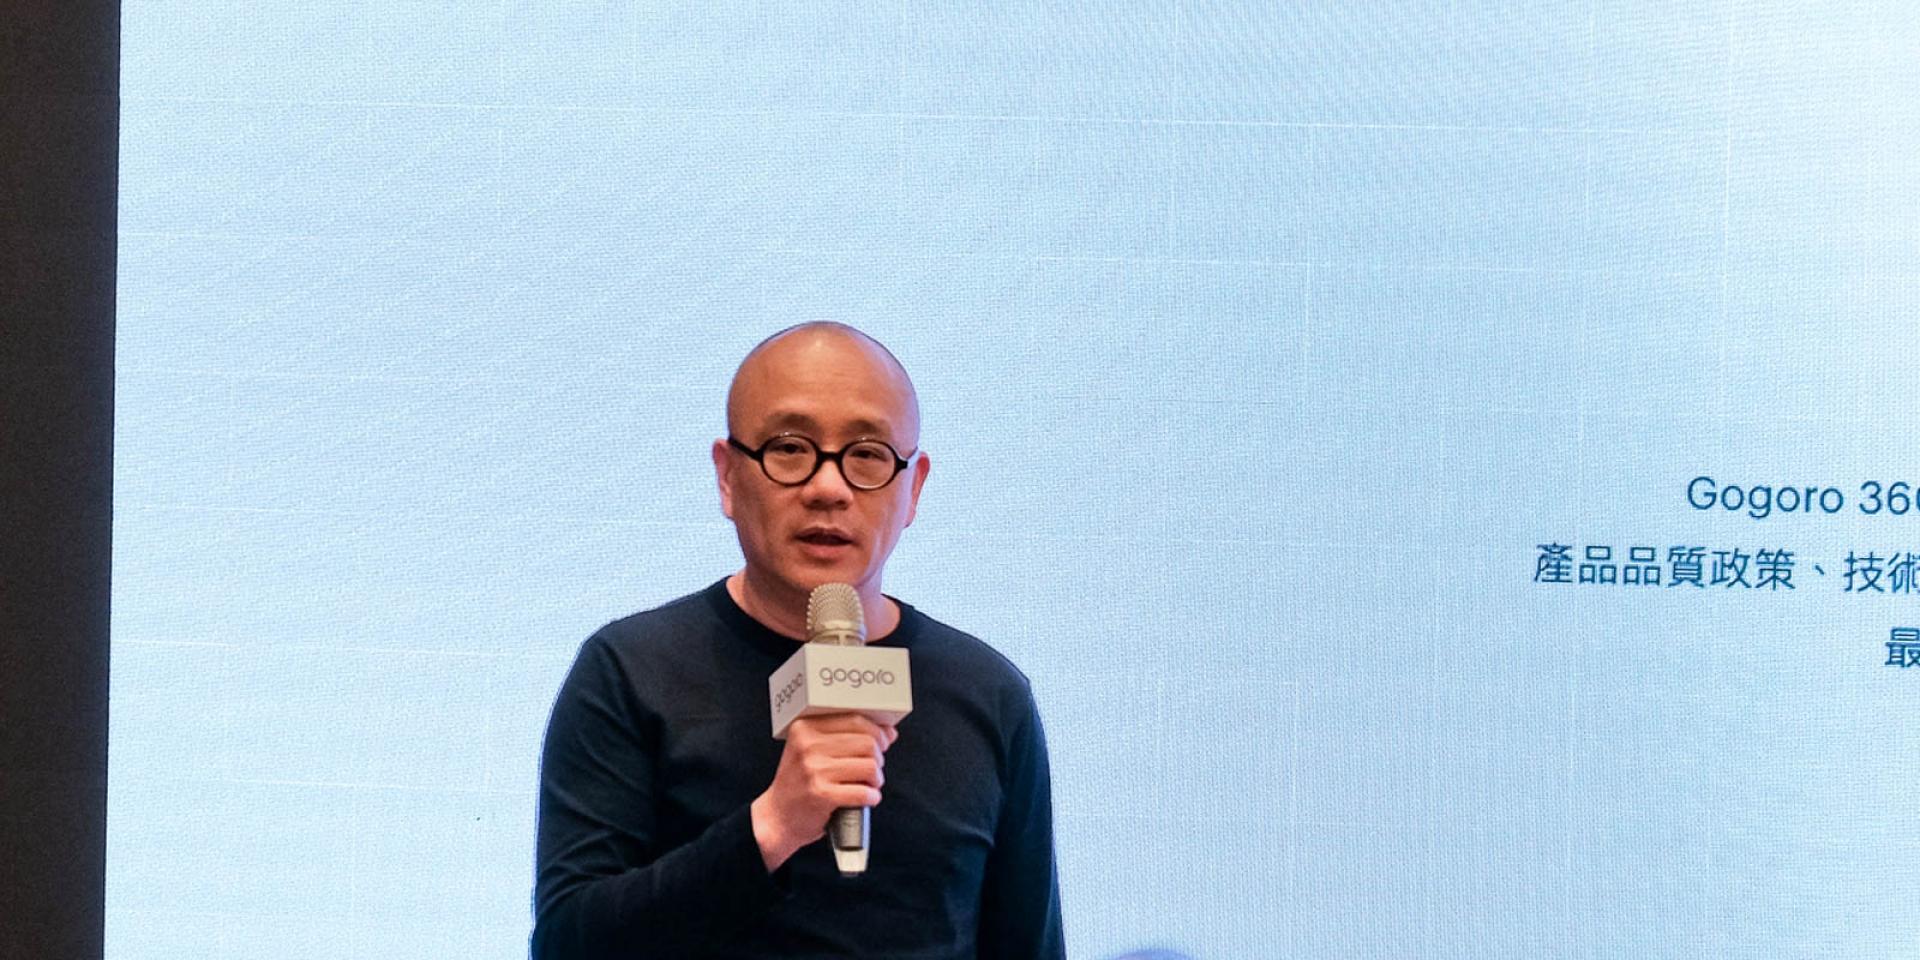 挽救品牌形象?Gogoro 「360計畫」會後訪談大揭密!